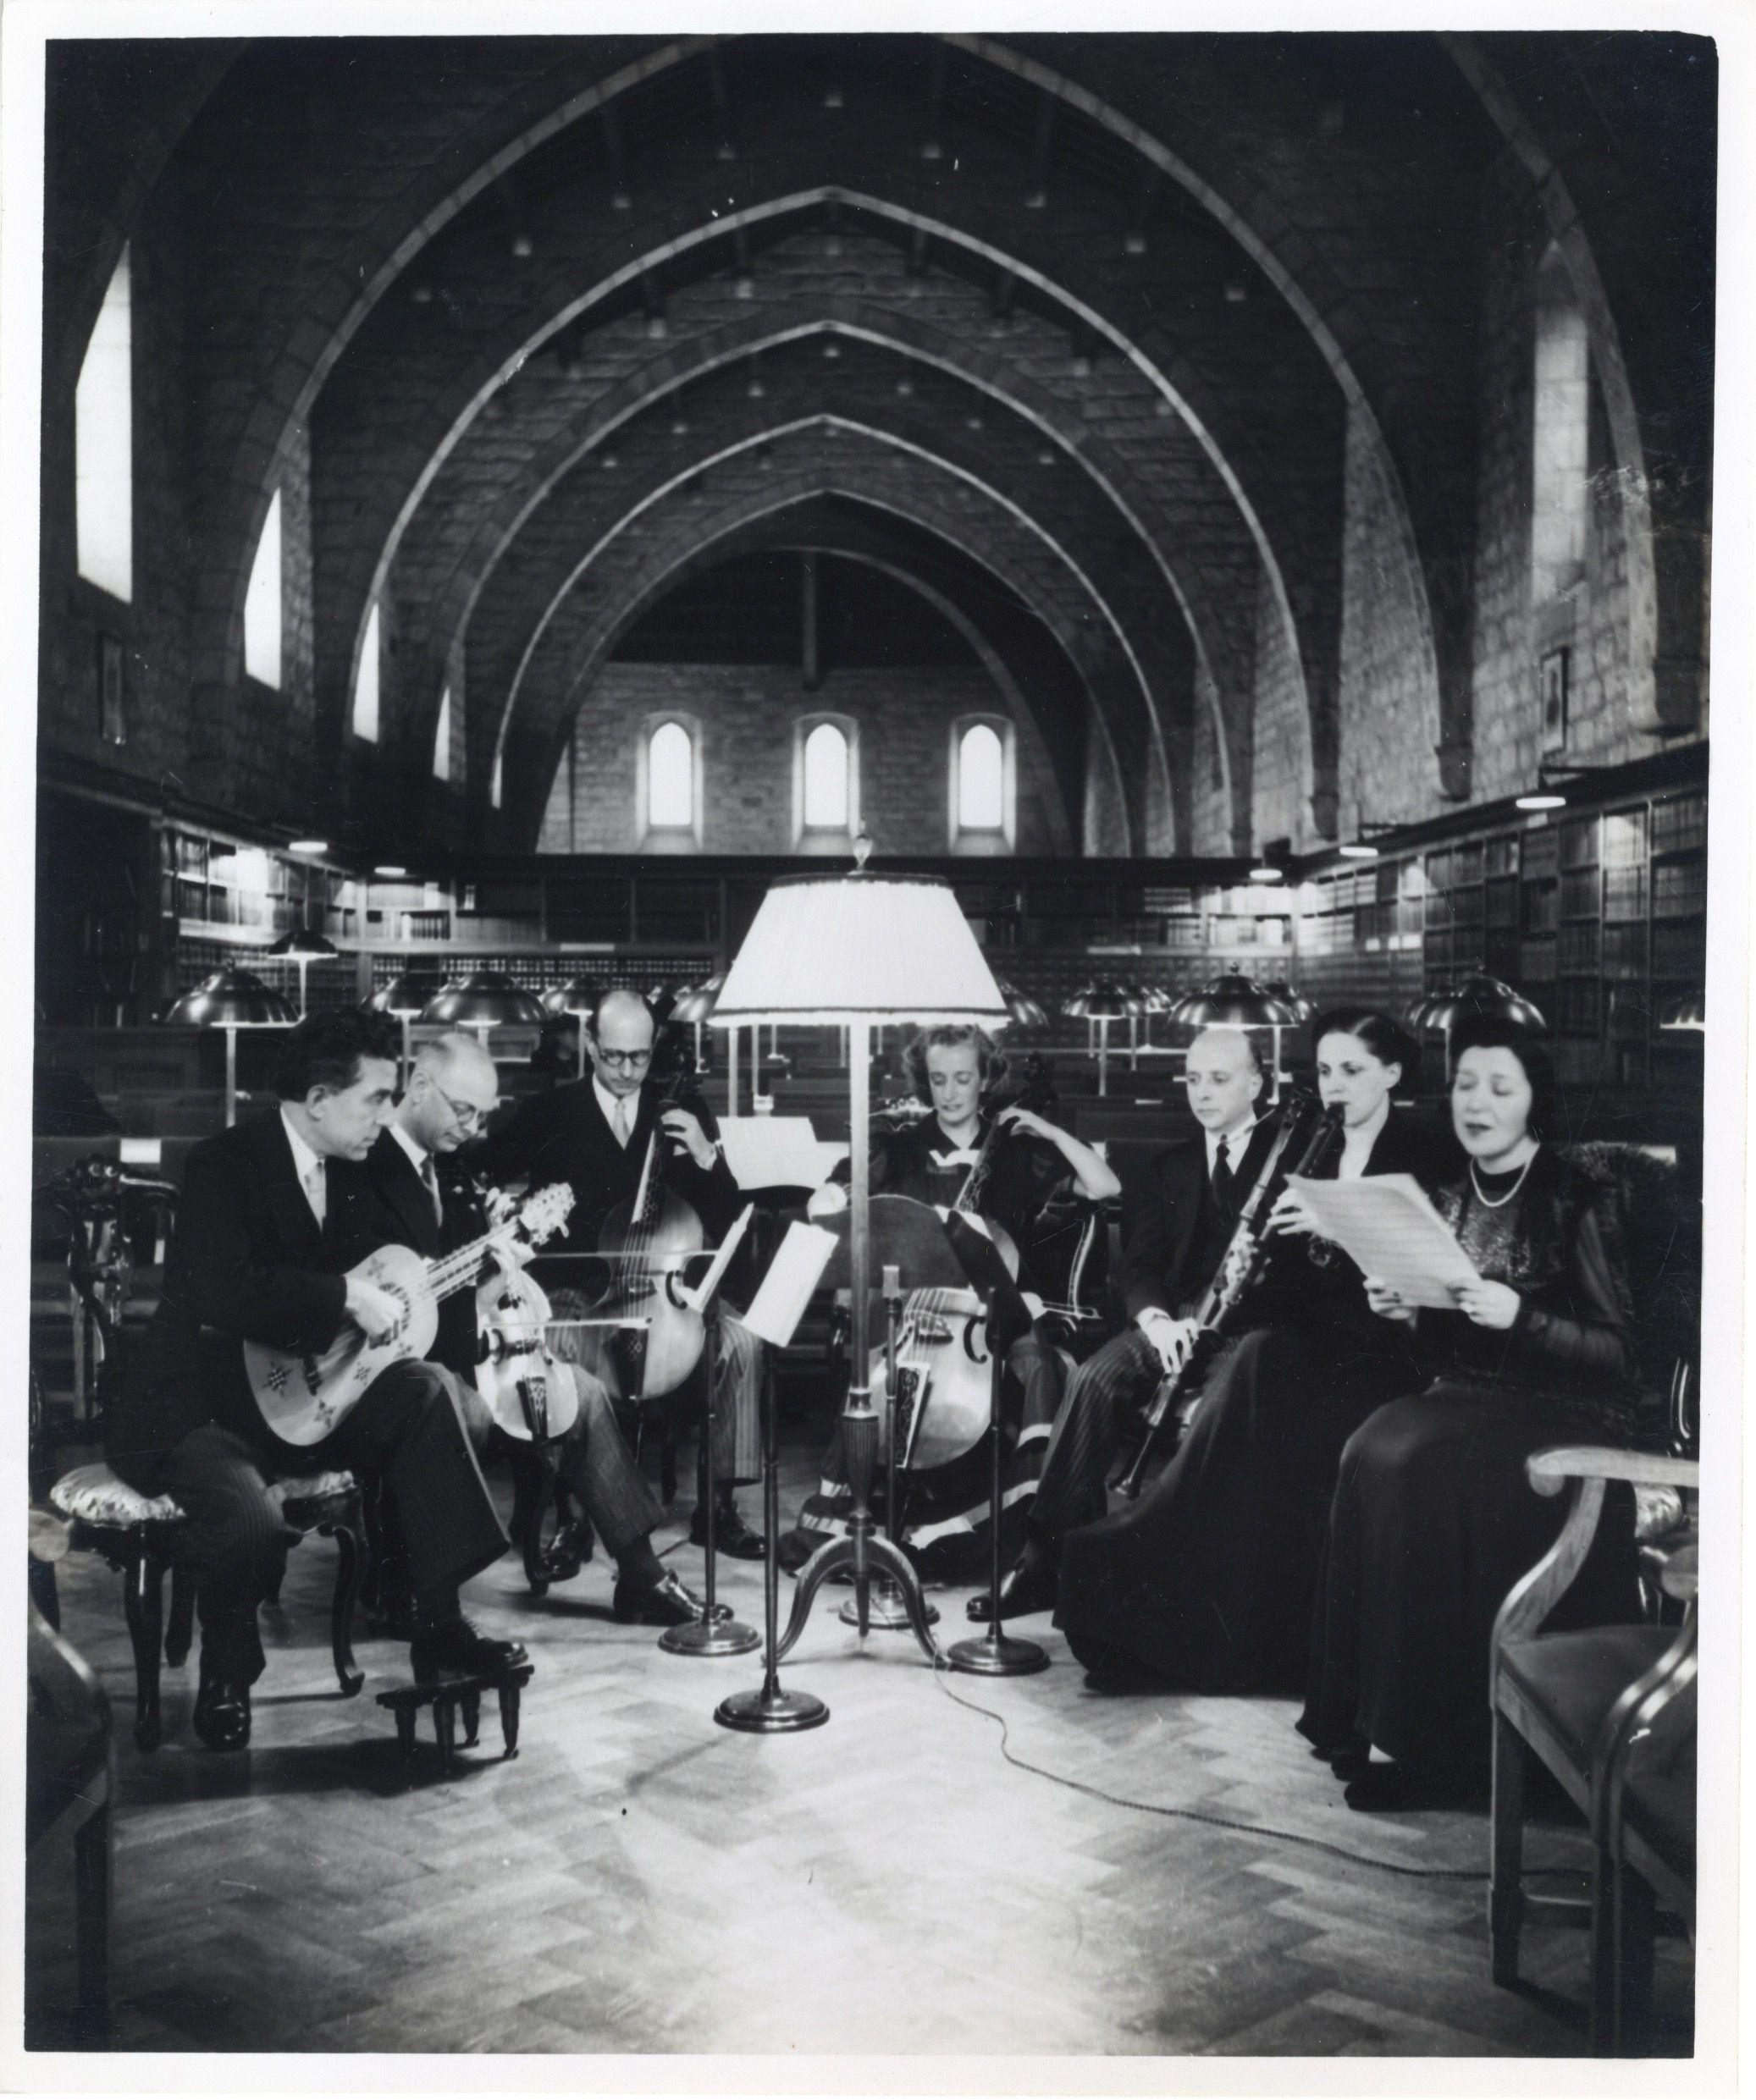 El grupo Ars Musicae fue fundado en Barcelona, en 1935, por José María Lamaña. Crédito: web es.wikipedia.org/wiki